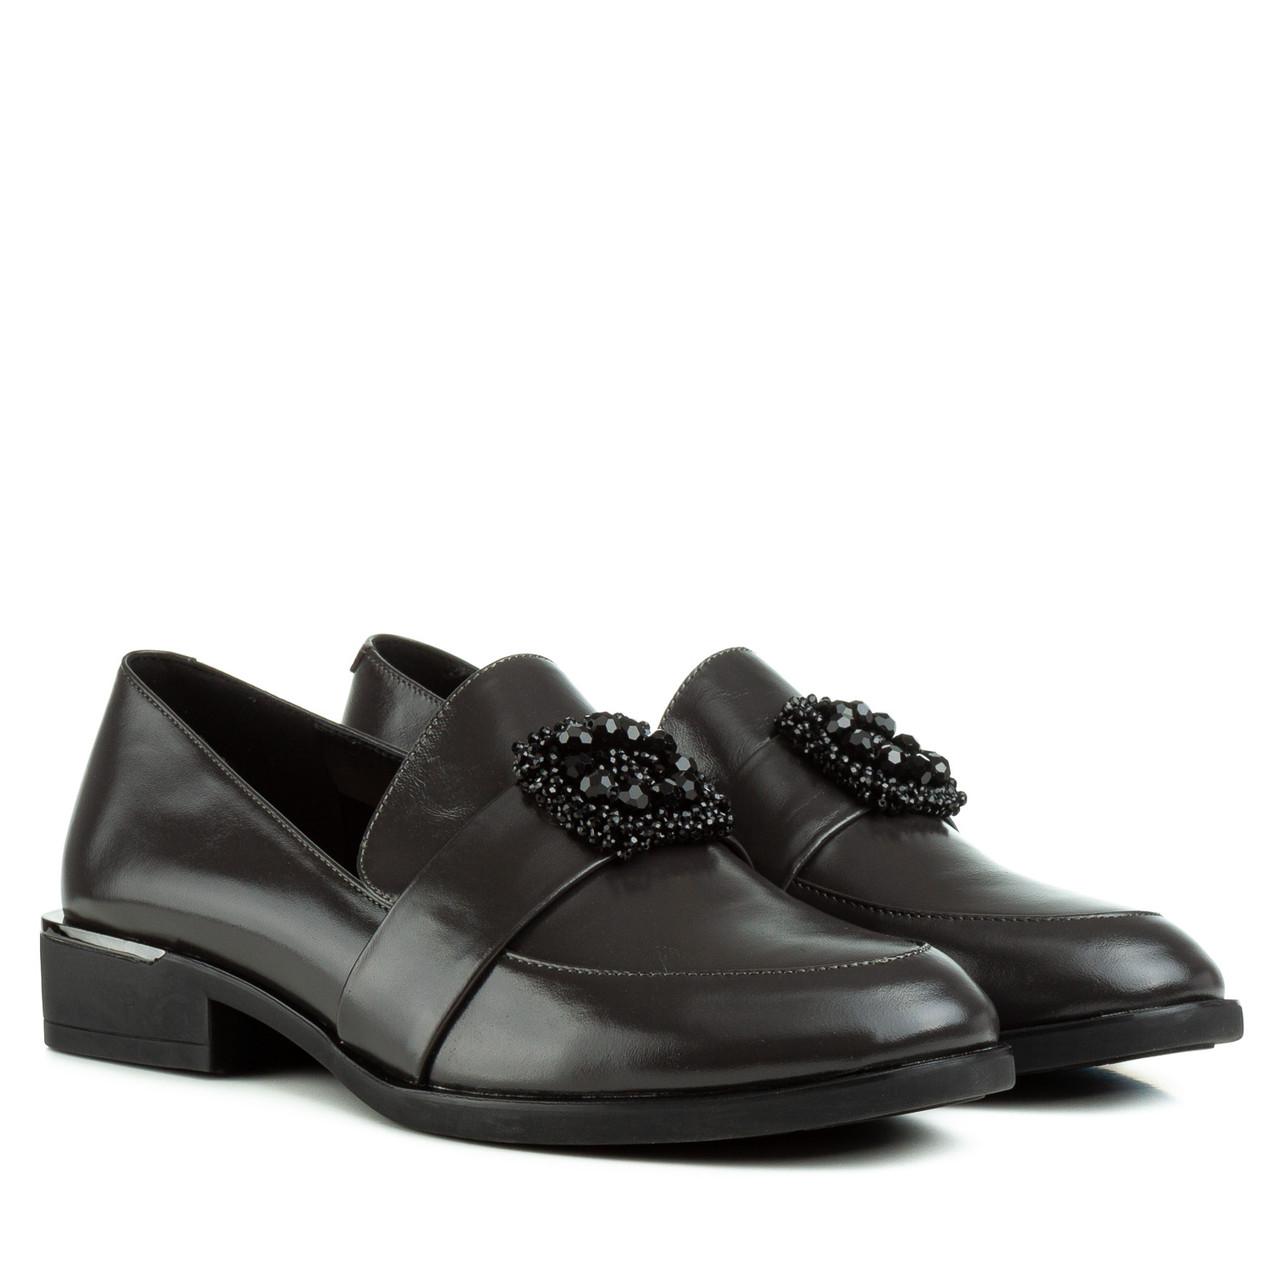 Туфли женские Brocoli(кожаные, элегантные, с брошкой)